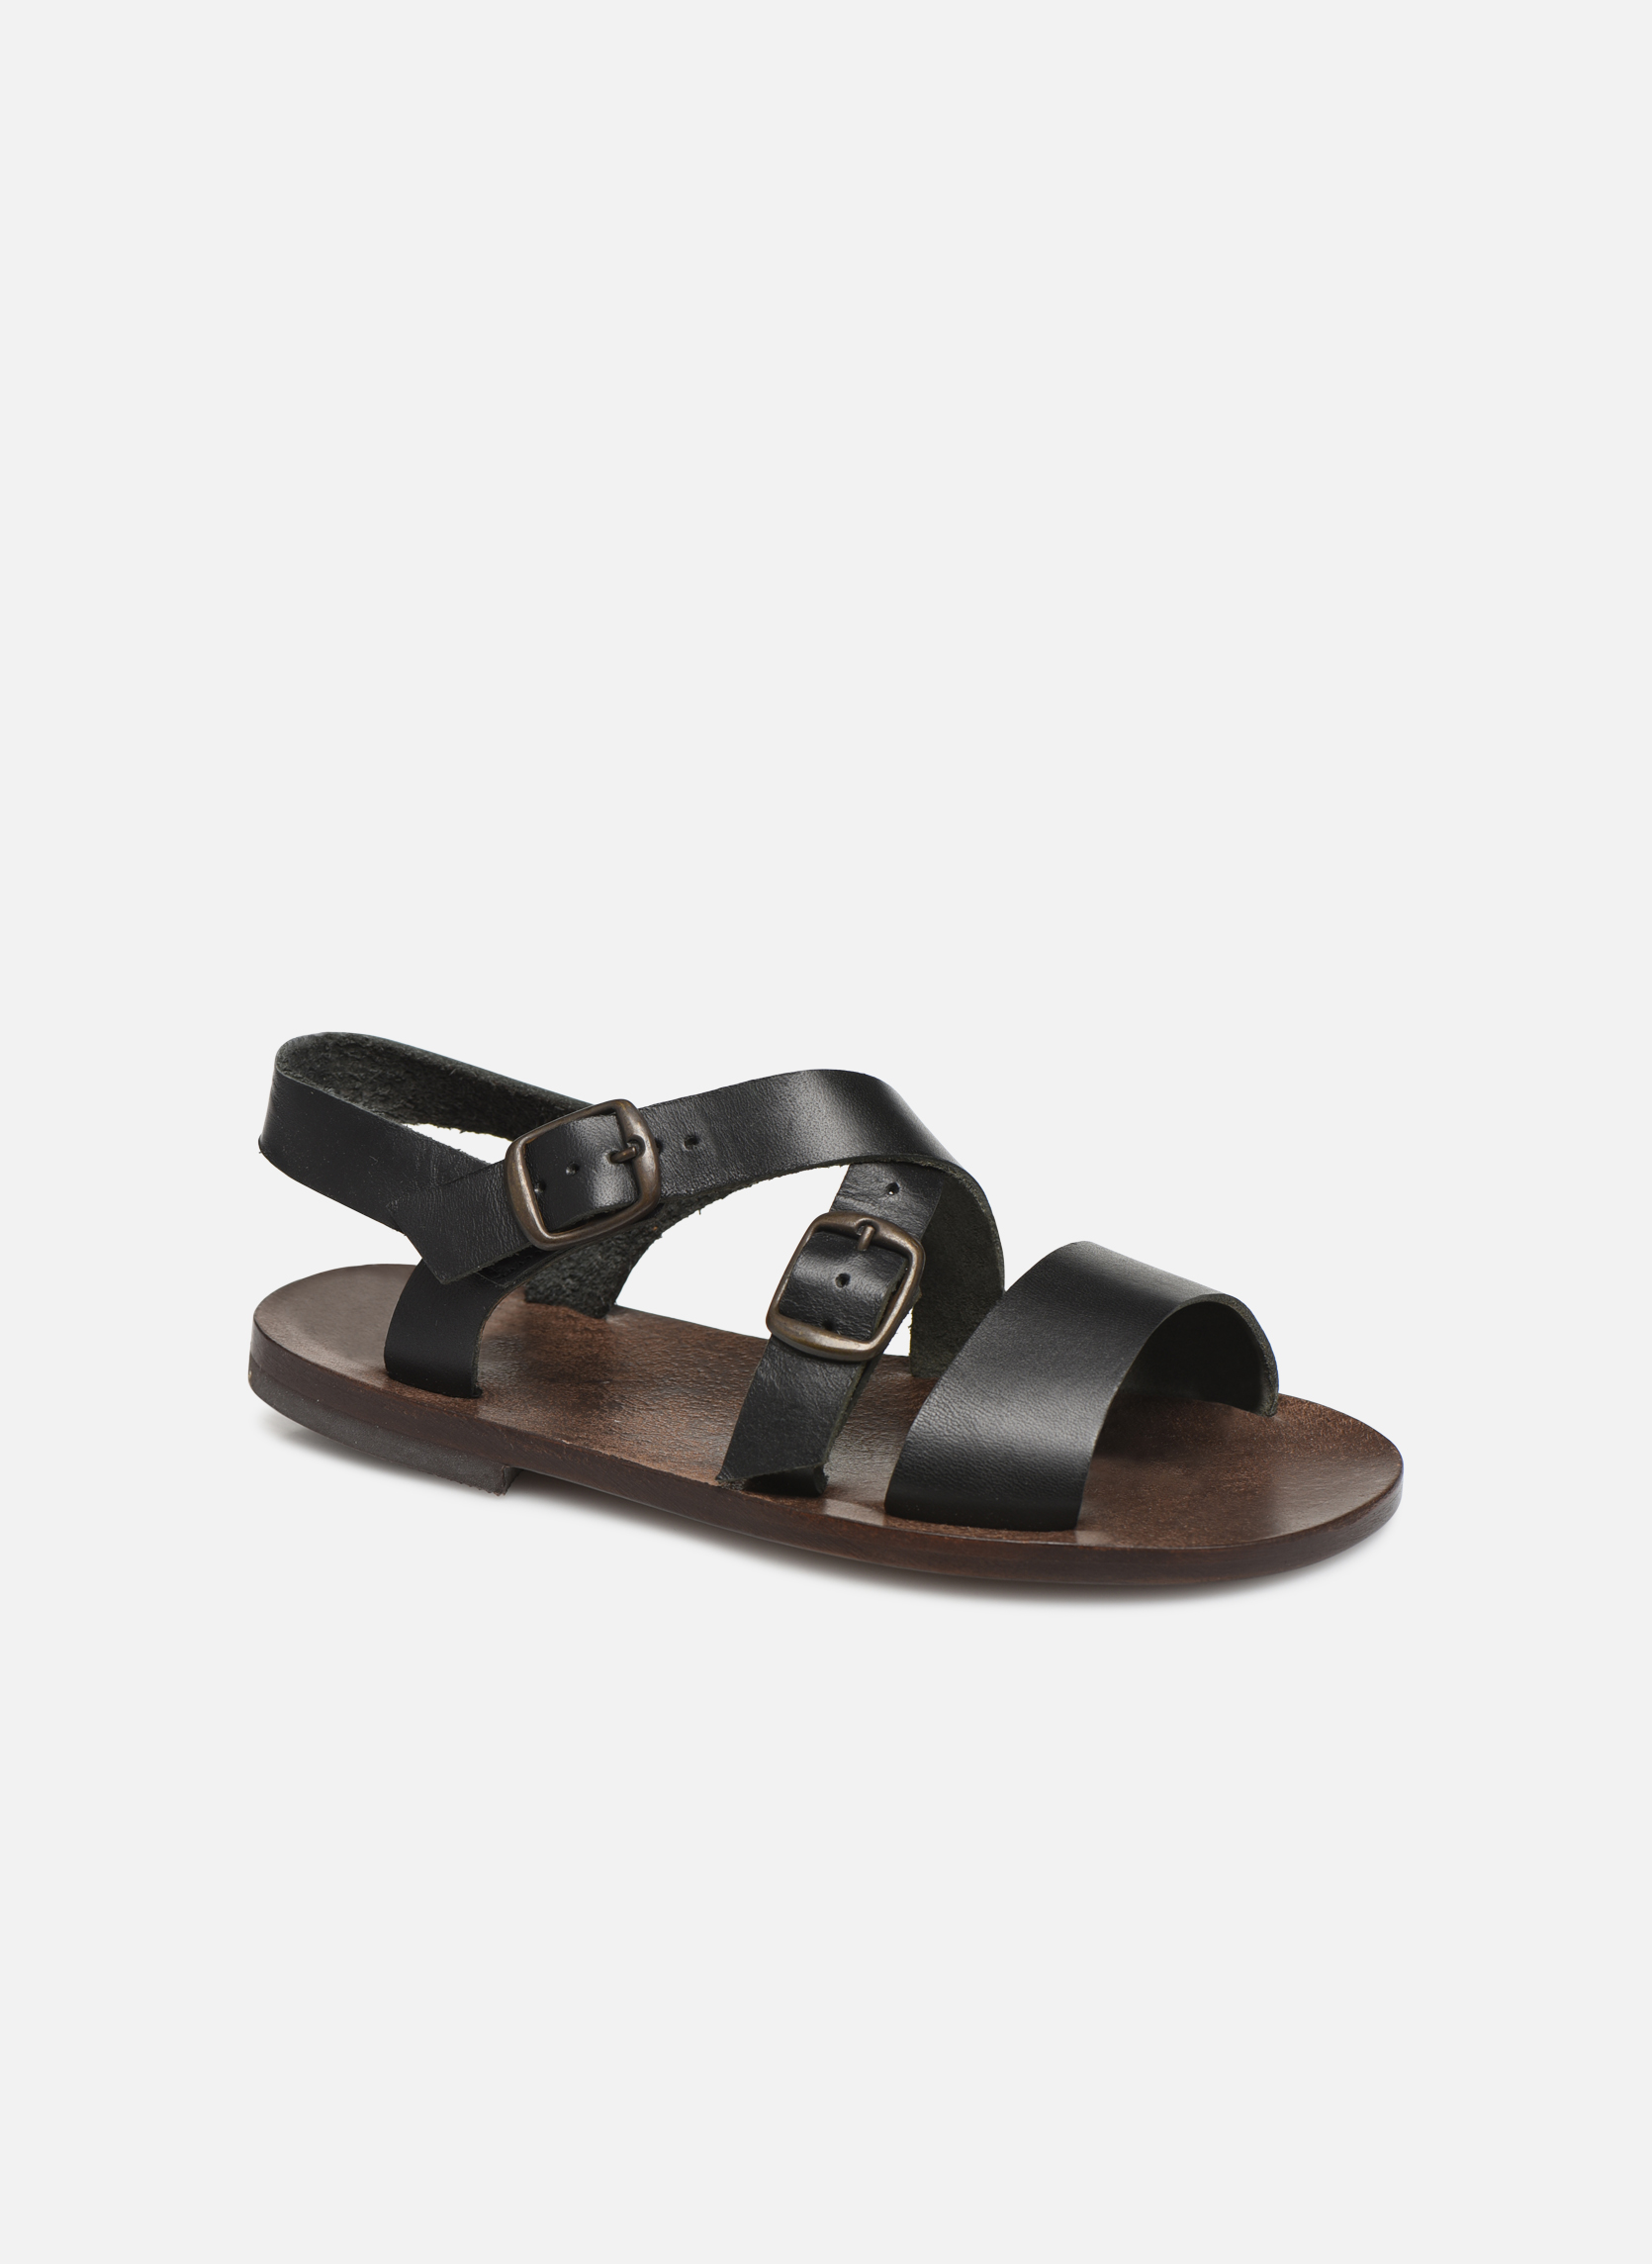 Sandalen Kinder Tina